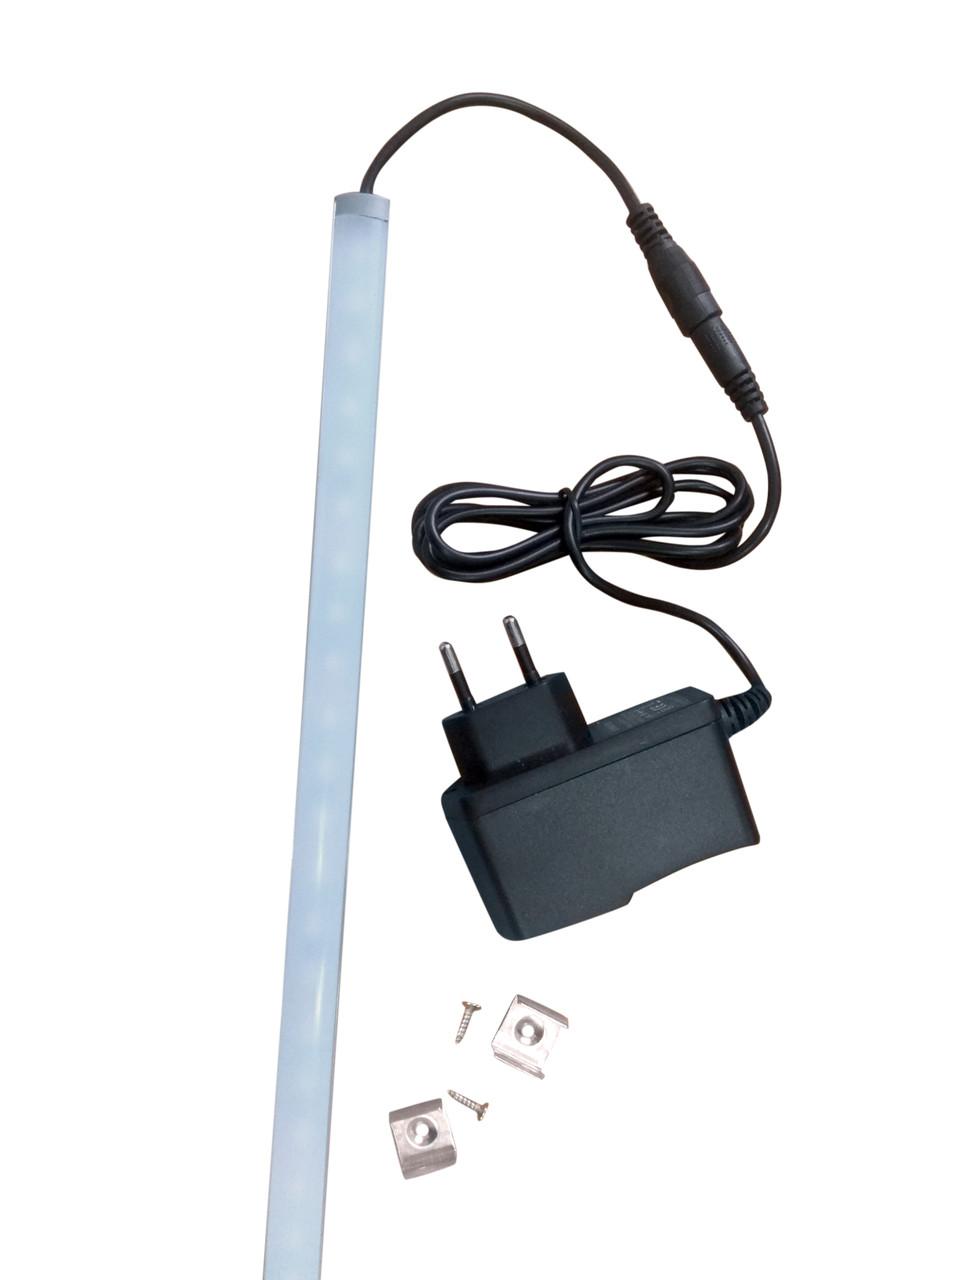 Подсветка для интерьера LED, ldf 1000 мм 12в, нейтральный свет (в комплекте с БП)